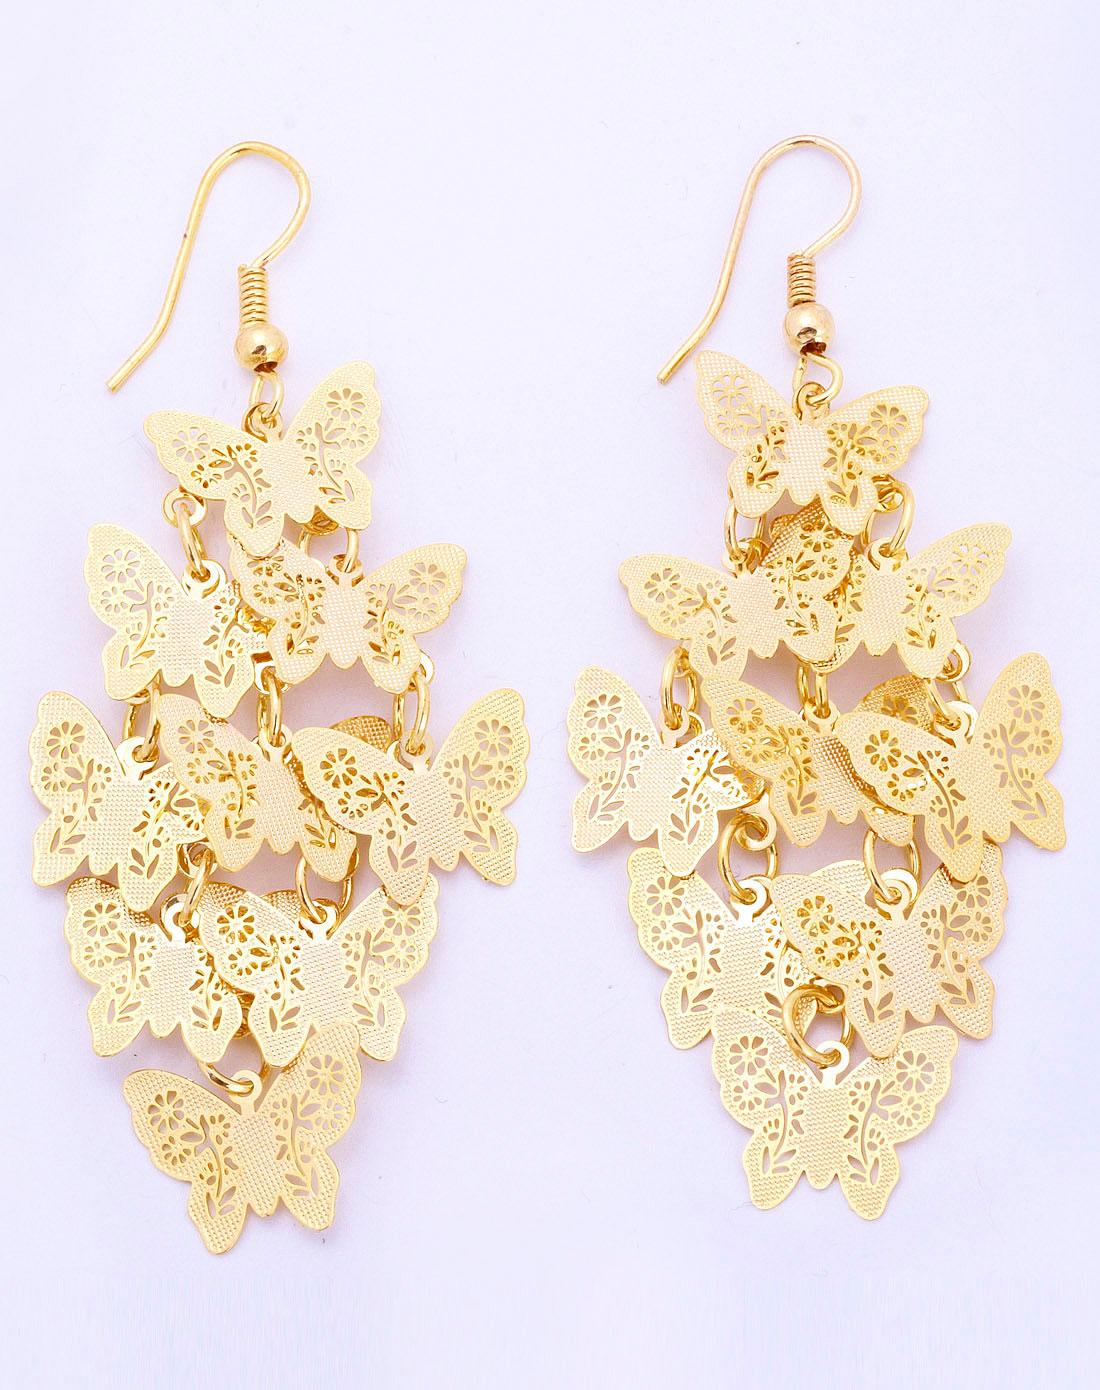 金色镂空蝴蝶纷飞耳环